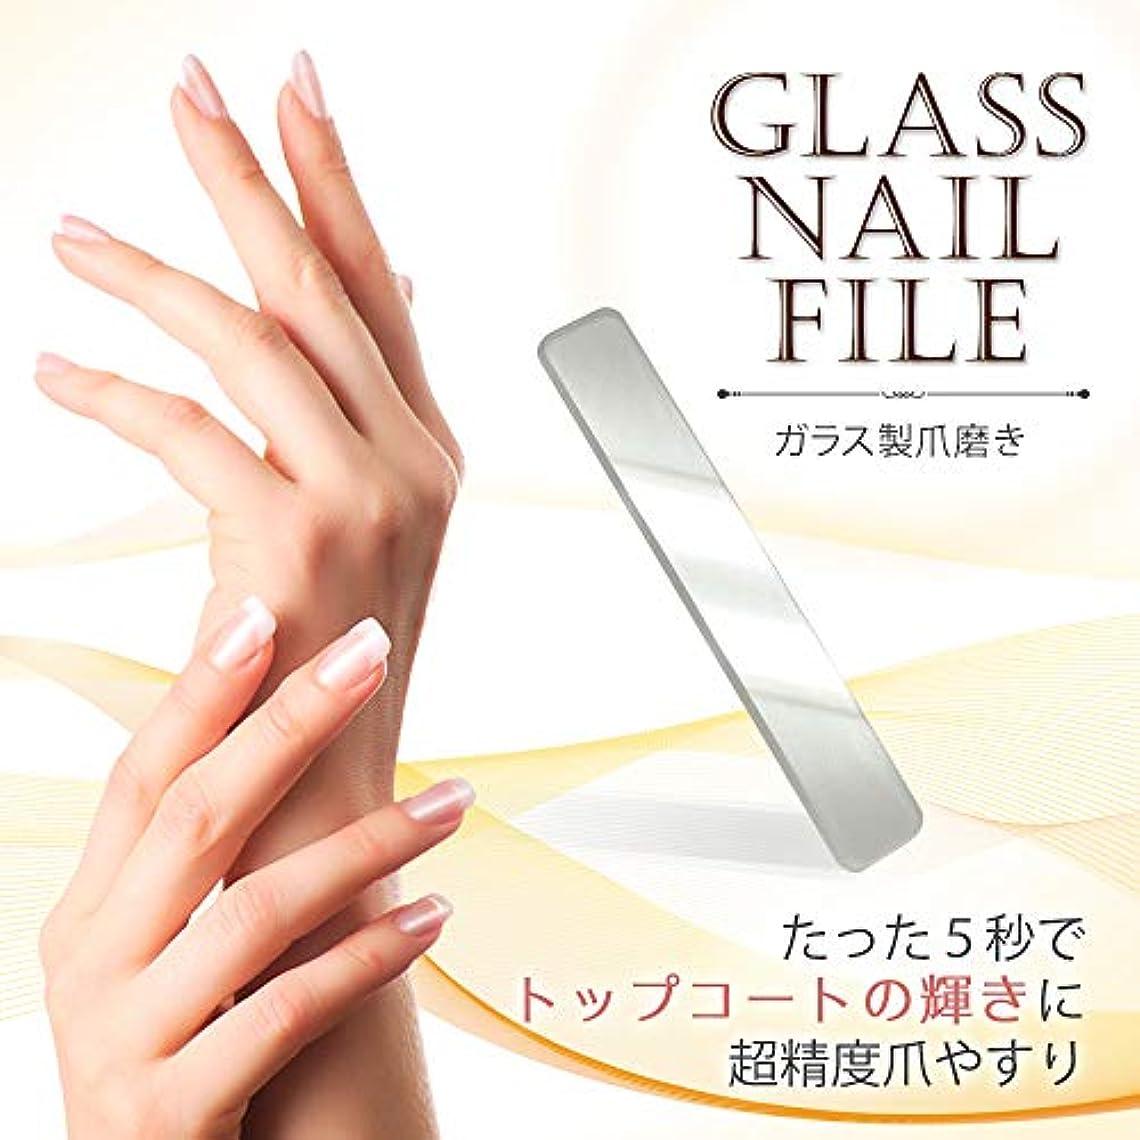 社員カビ海上5秒で実感 Glass Nail File (ガラス製 爪やすり 爪みがき つめみがき 爪磨き ネイルファイル ネイルシャイナー グラスシャイナー バッファー ネイルケア 爪ケア)